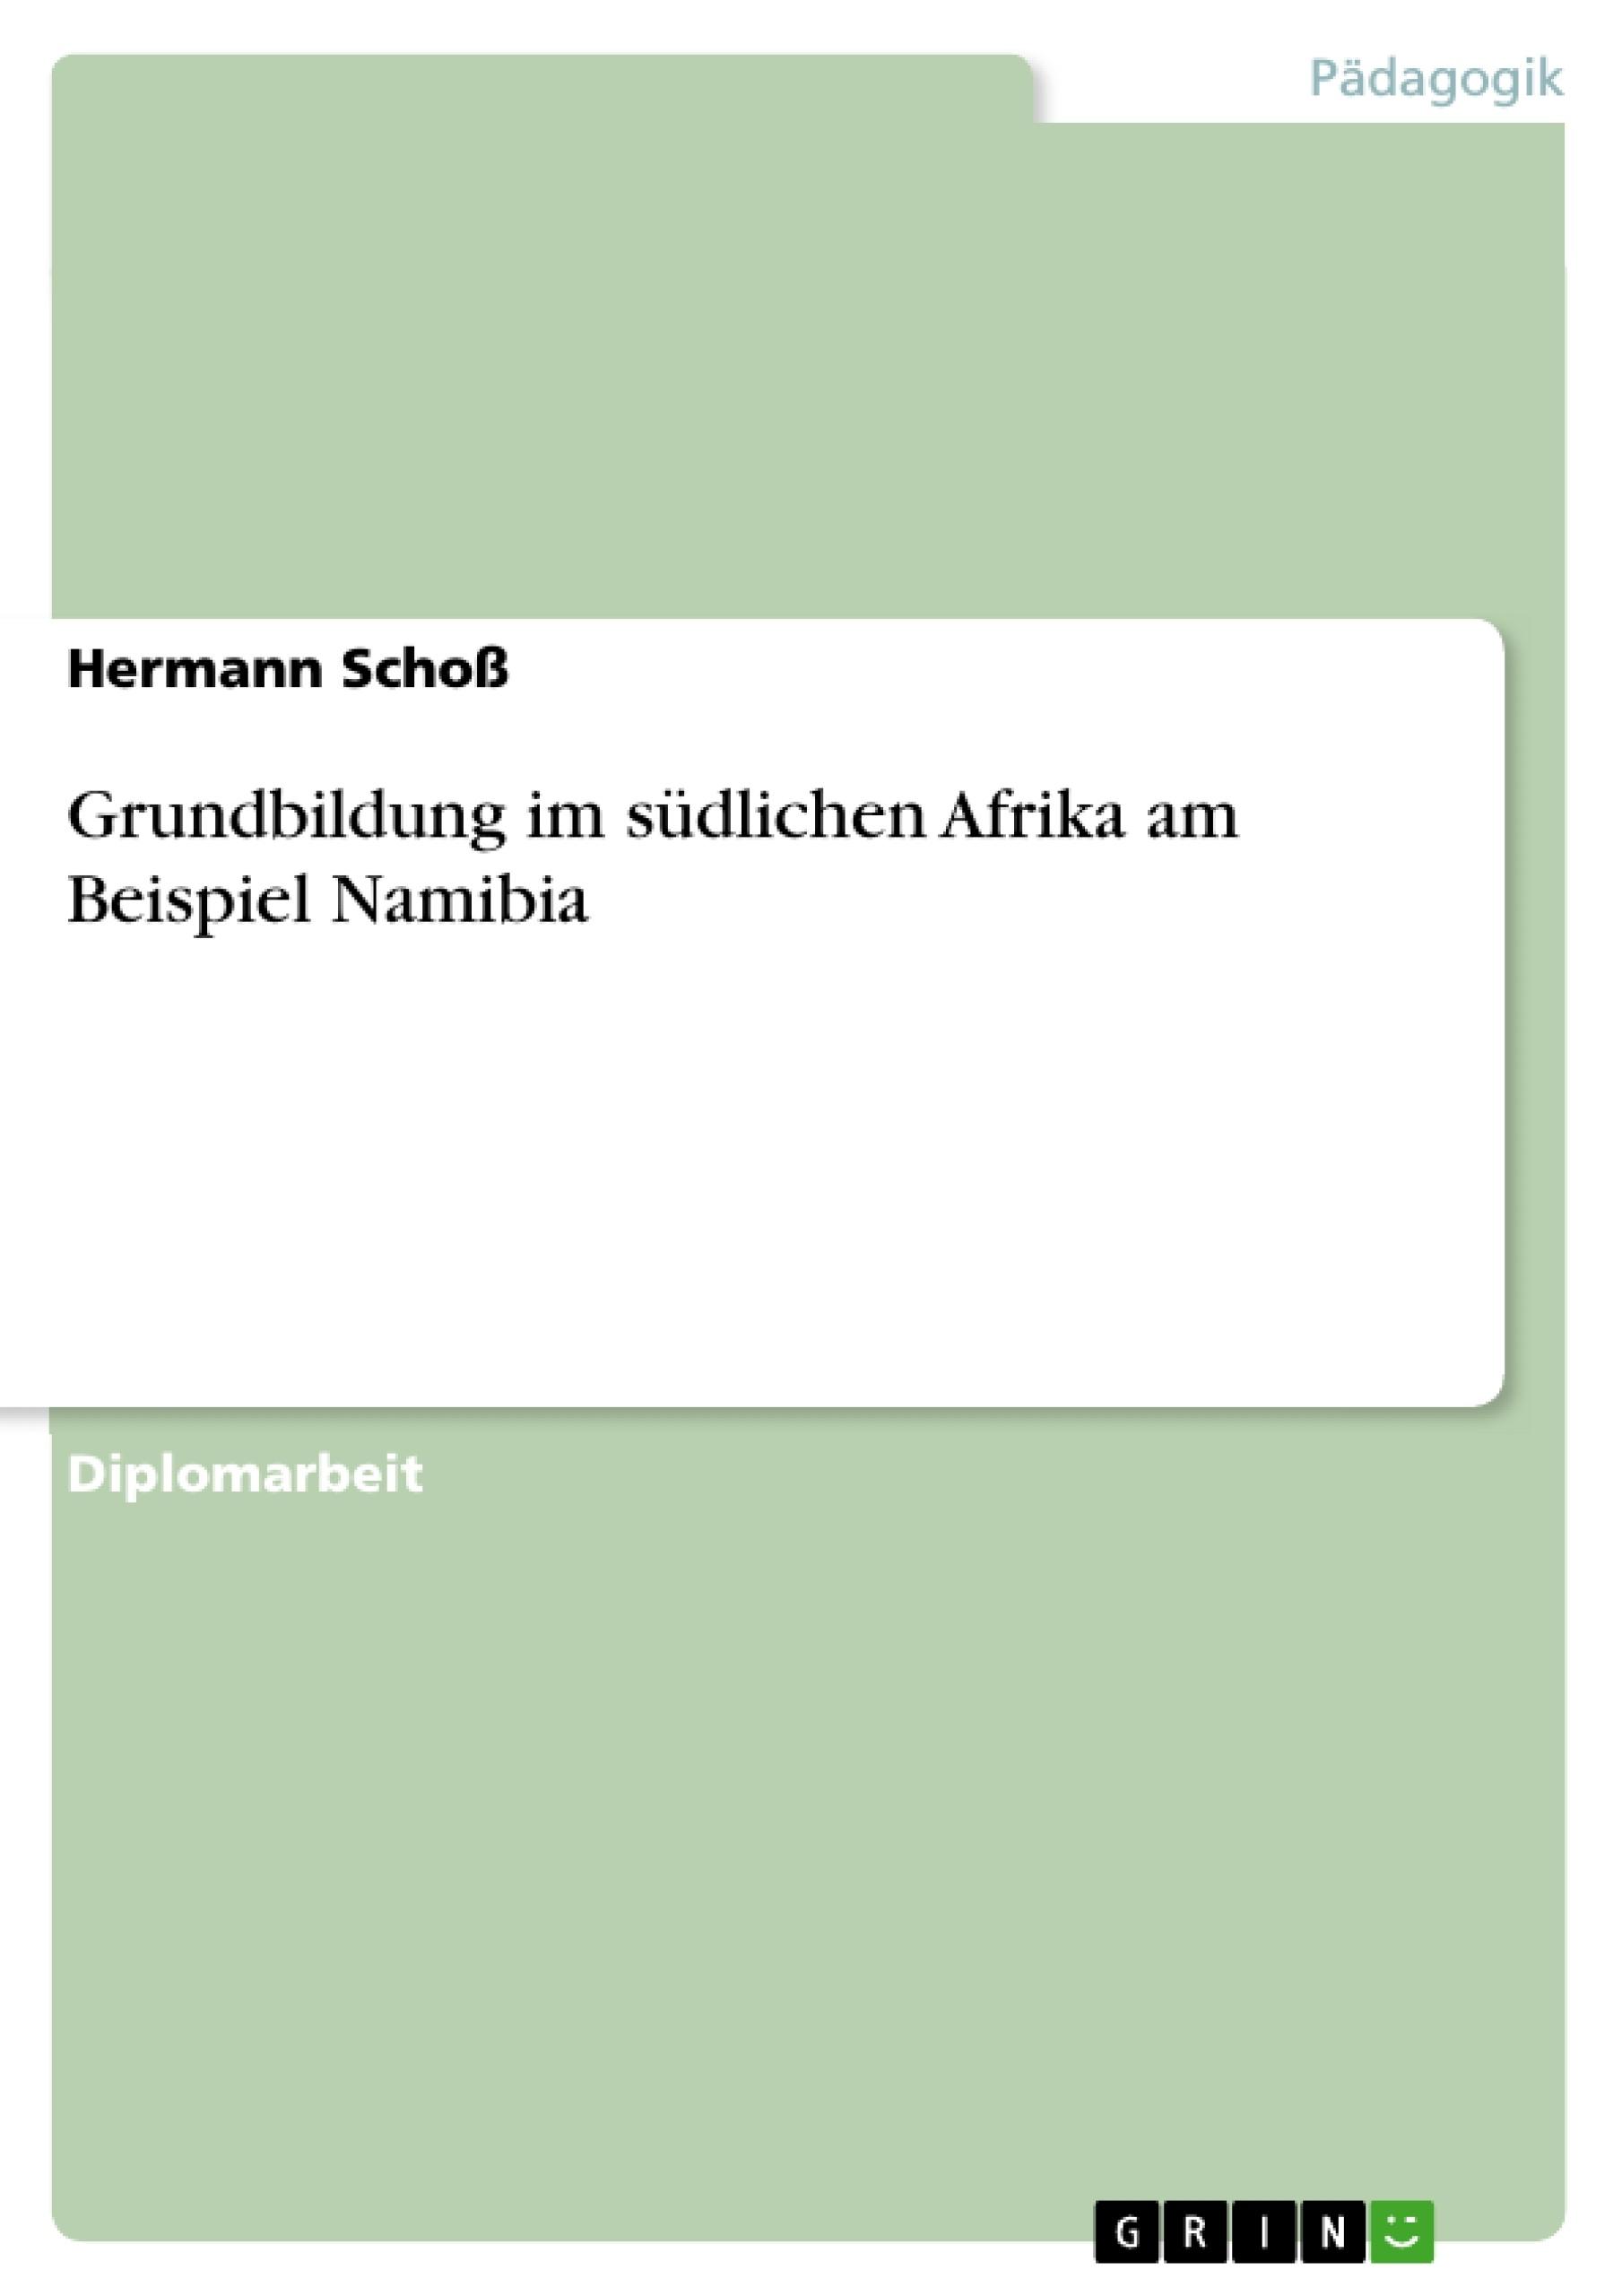 Titel: Grundbildung im südlichen Afrika am Beispiel Namibia